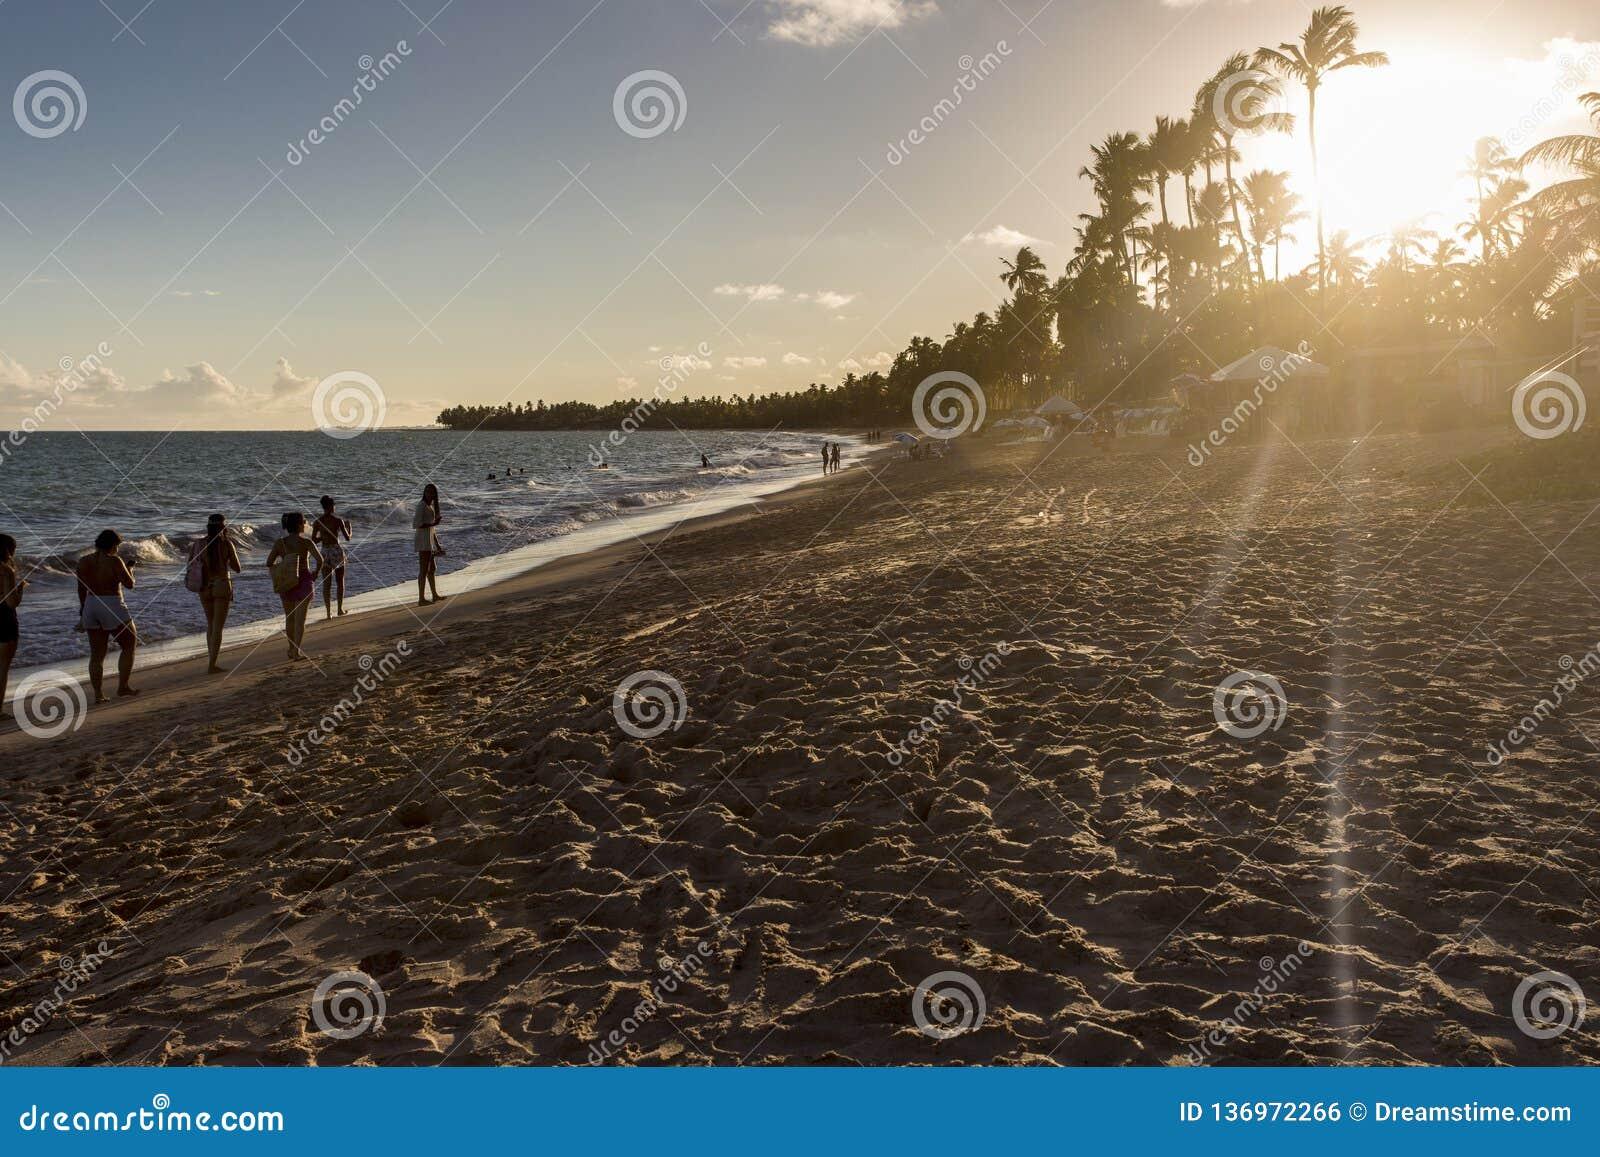 Fantastisk solnedgång på stranden